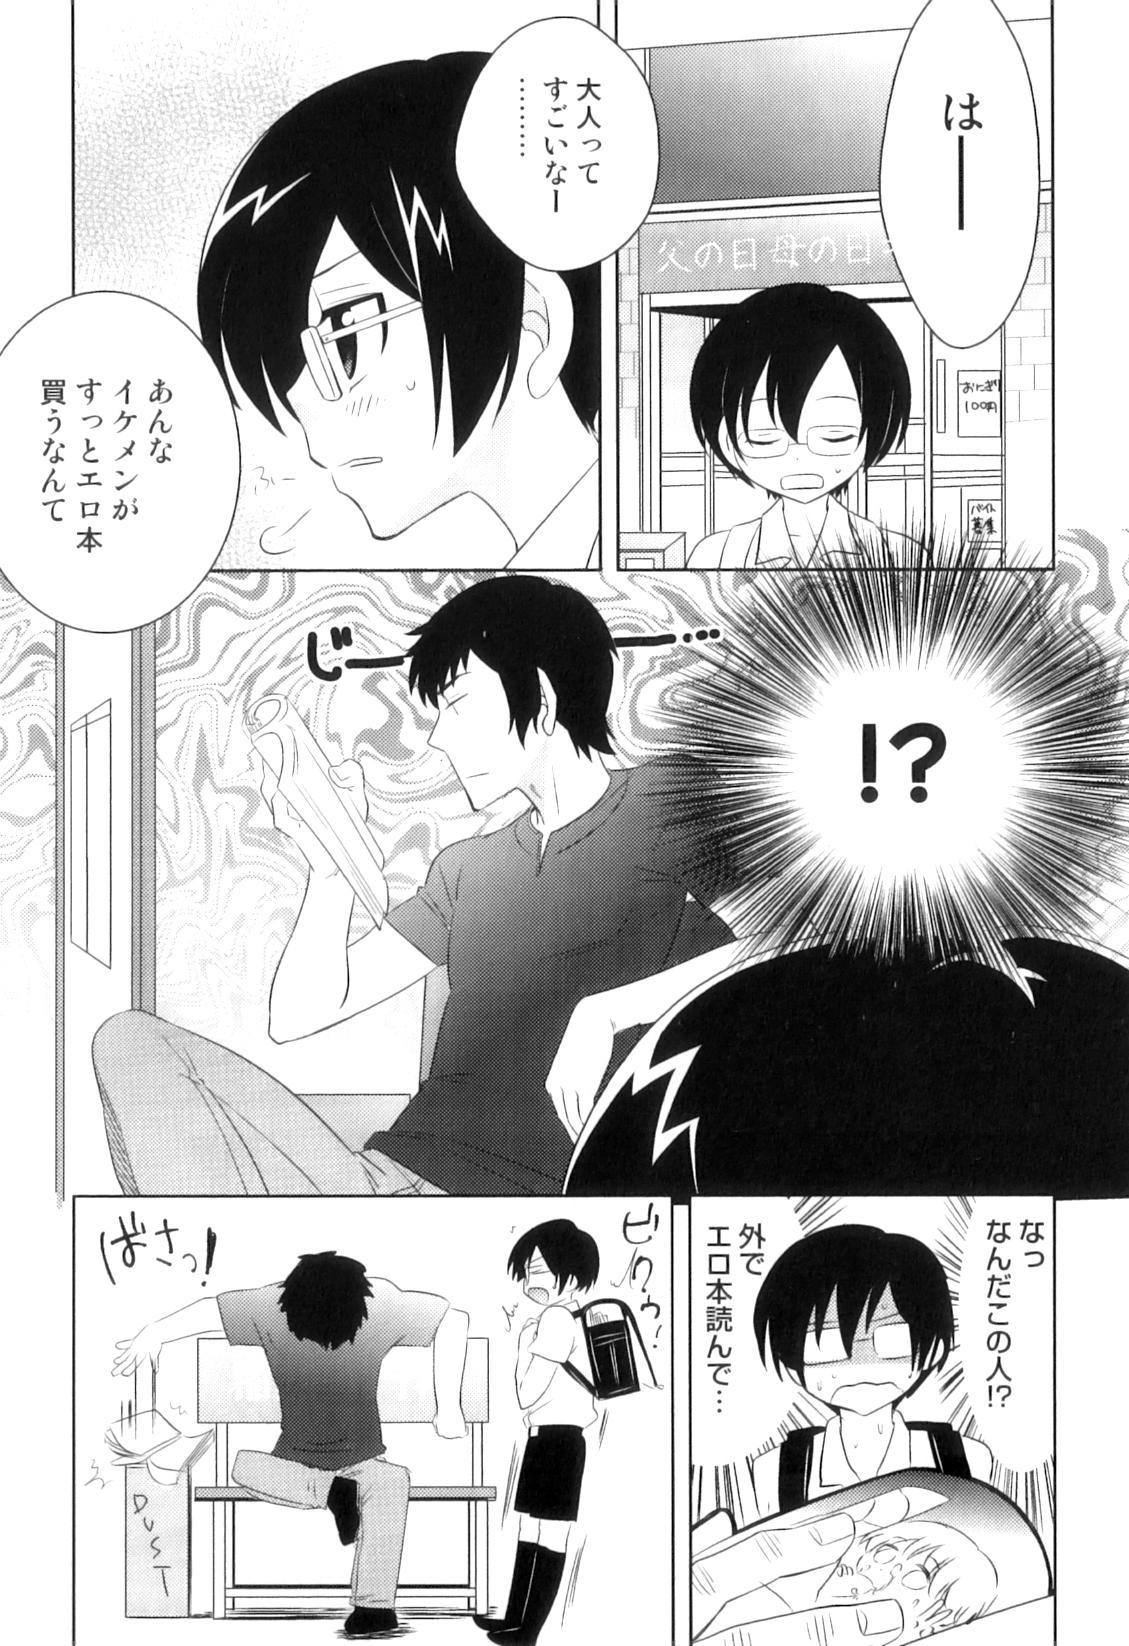 Otokonoko Heaven Vol. 09 24